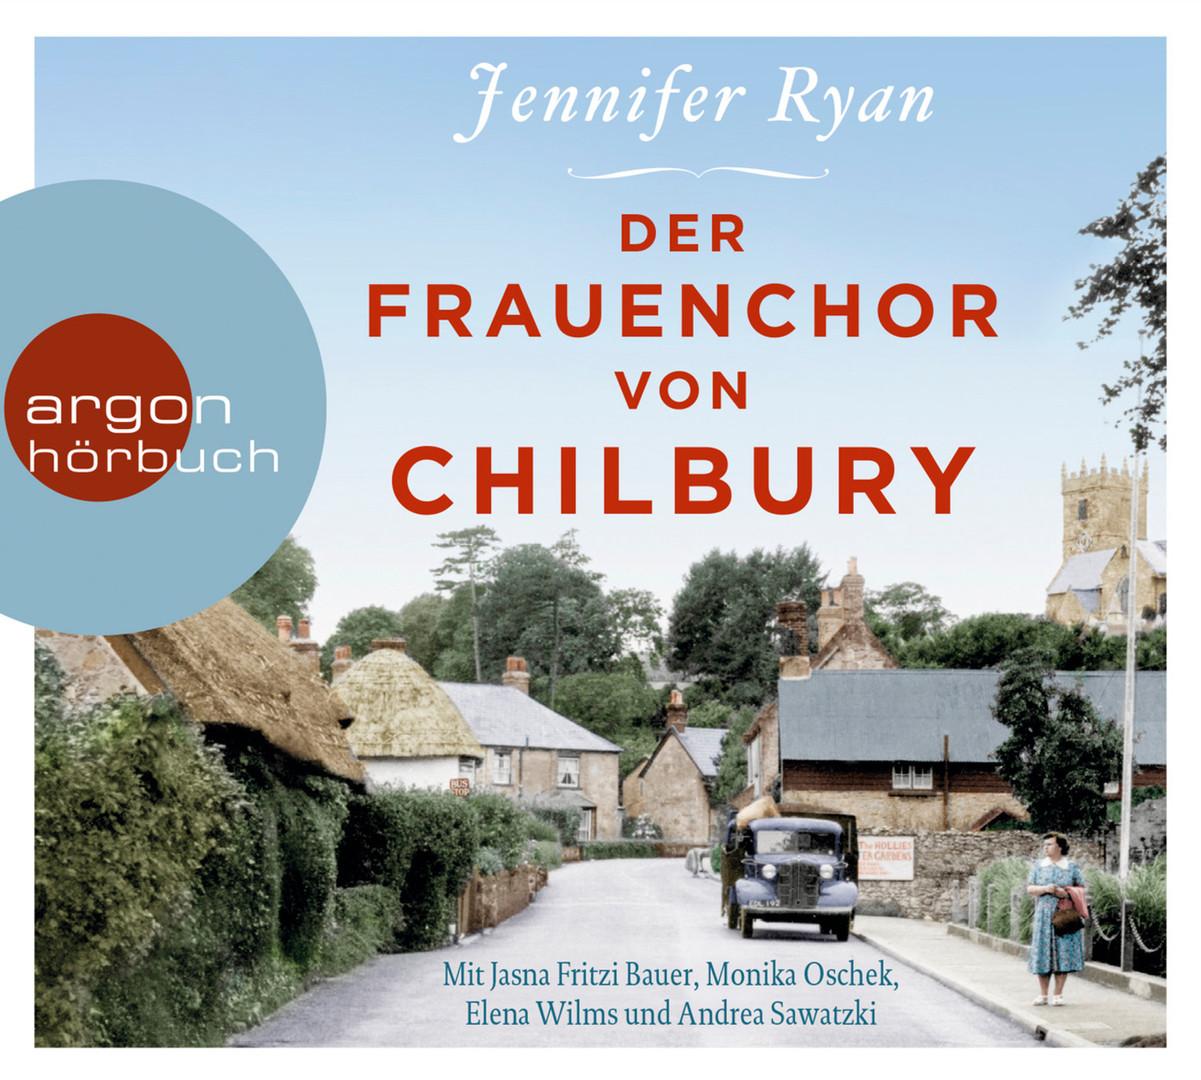 Jennifer Ryan - Der Frauenchor von Chilbury